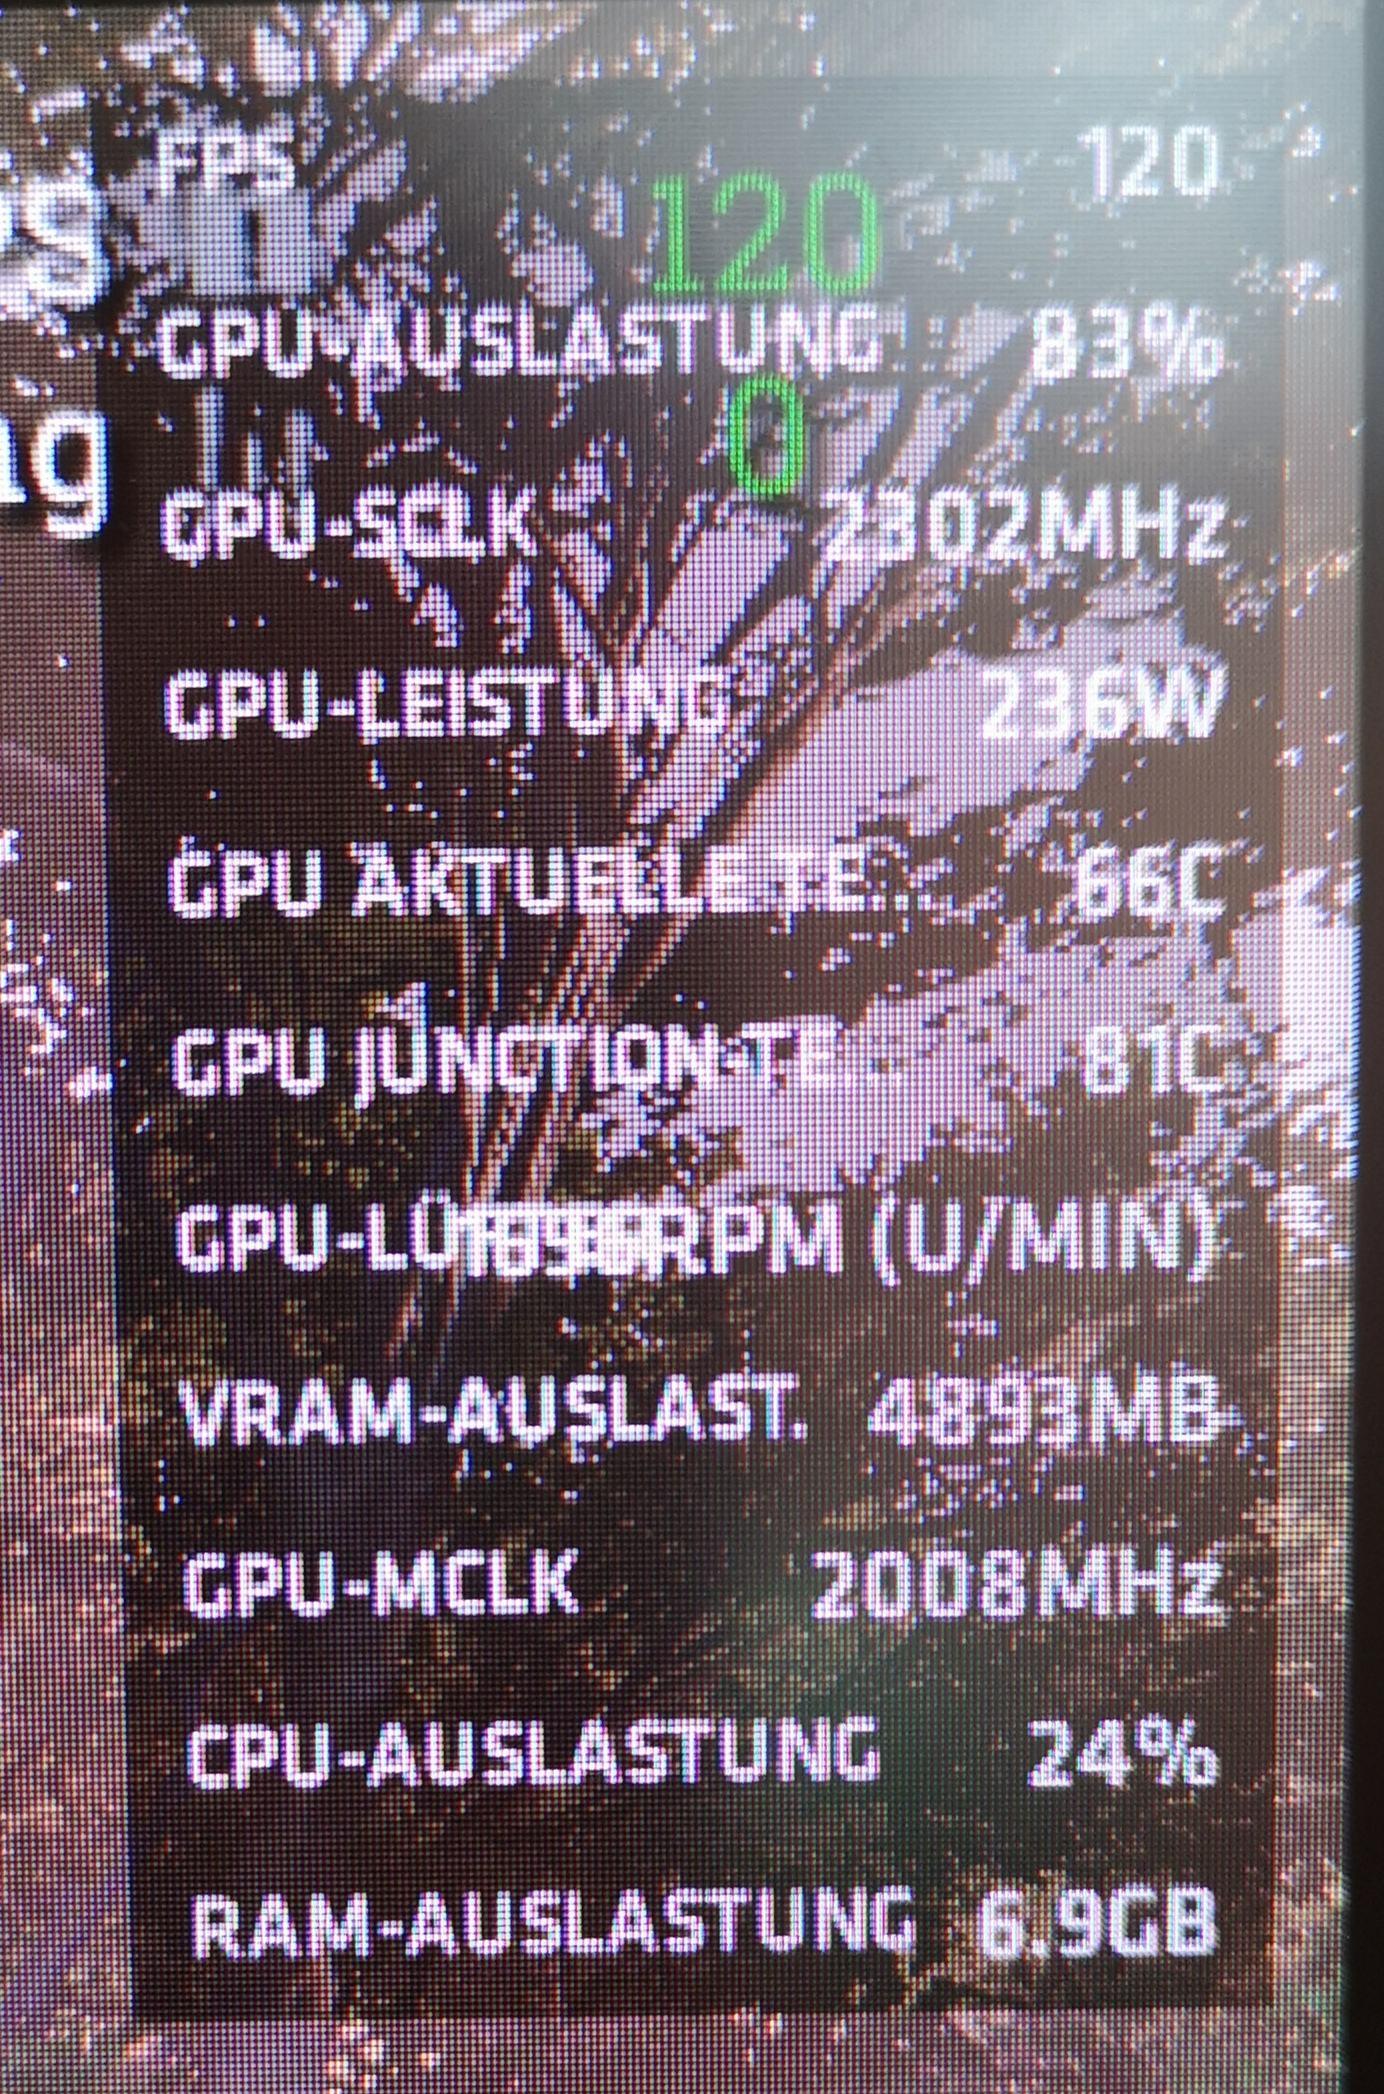 Hunt 2460Mhz 120Hz.JPG